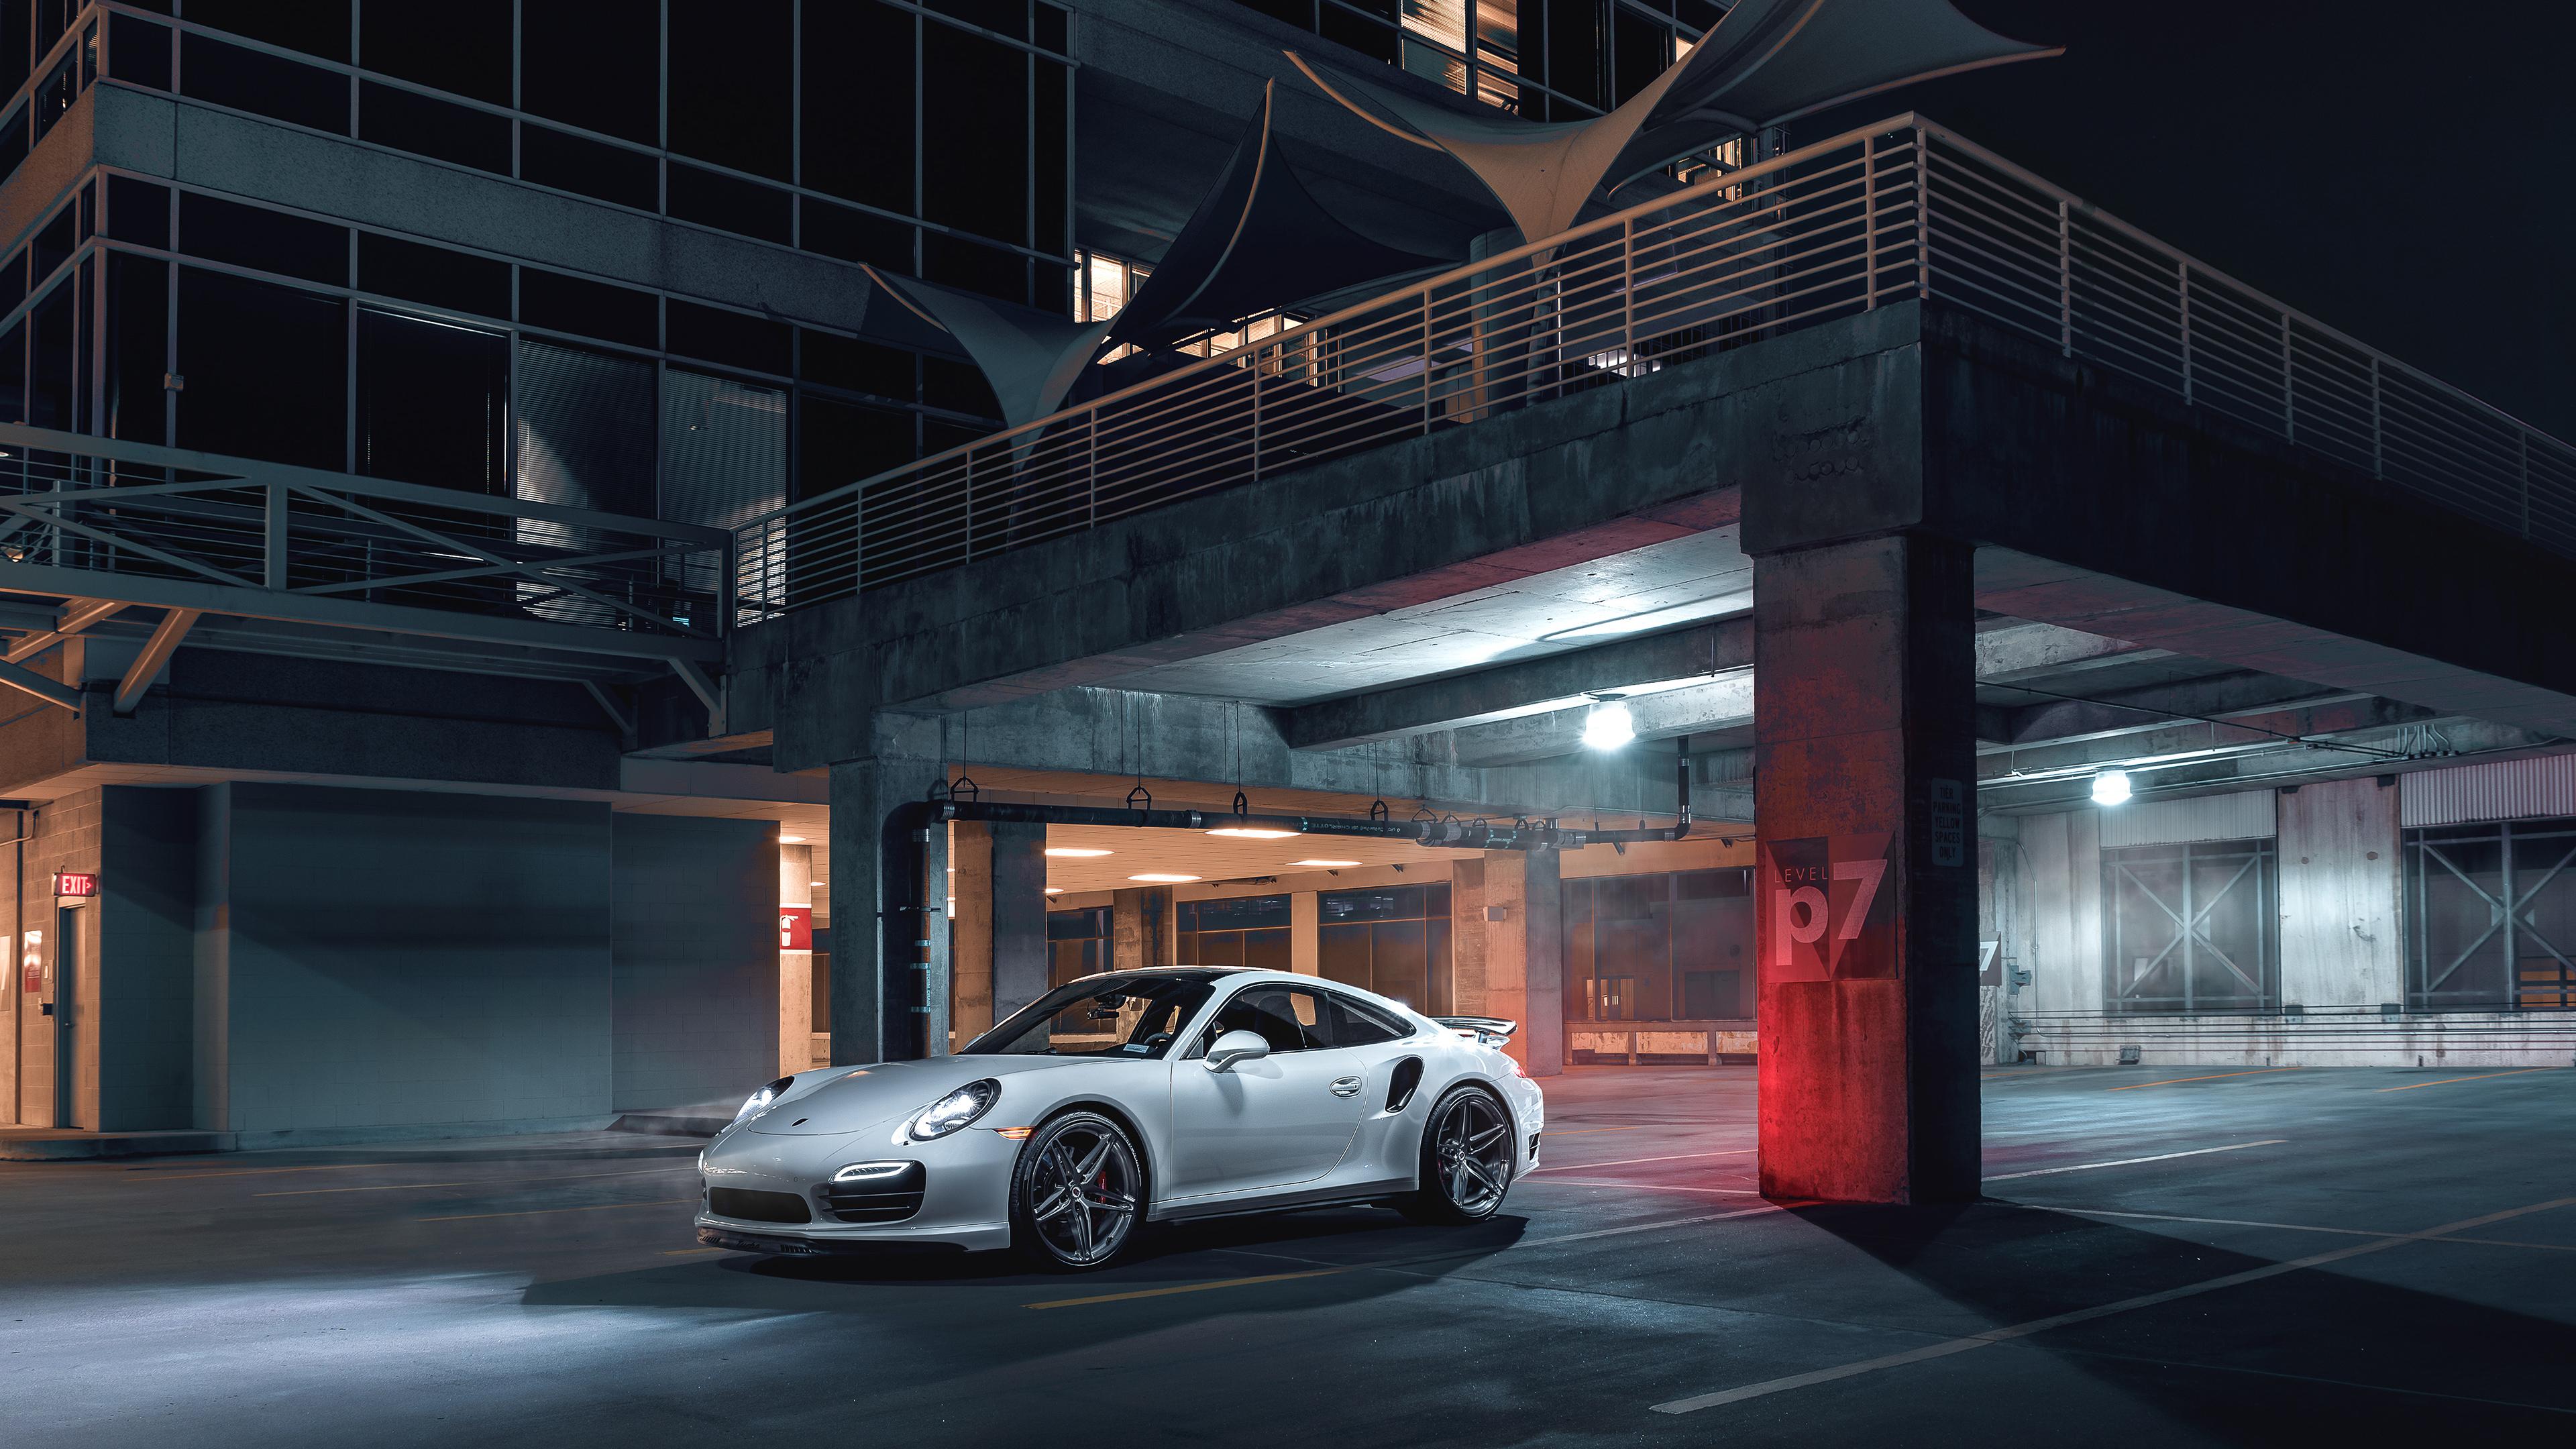 porsche 911 white 2019 1569188290 - Porsche 911 White 2019 - porsche 911 wallpapers, hd-wallpapers, cars wallpapers, behance wallpapers, 4k-wallpapers